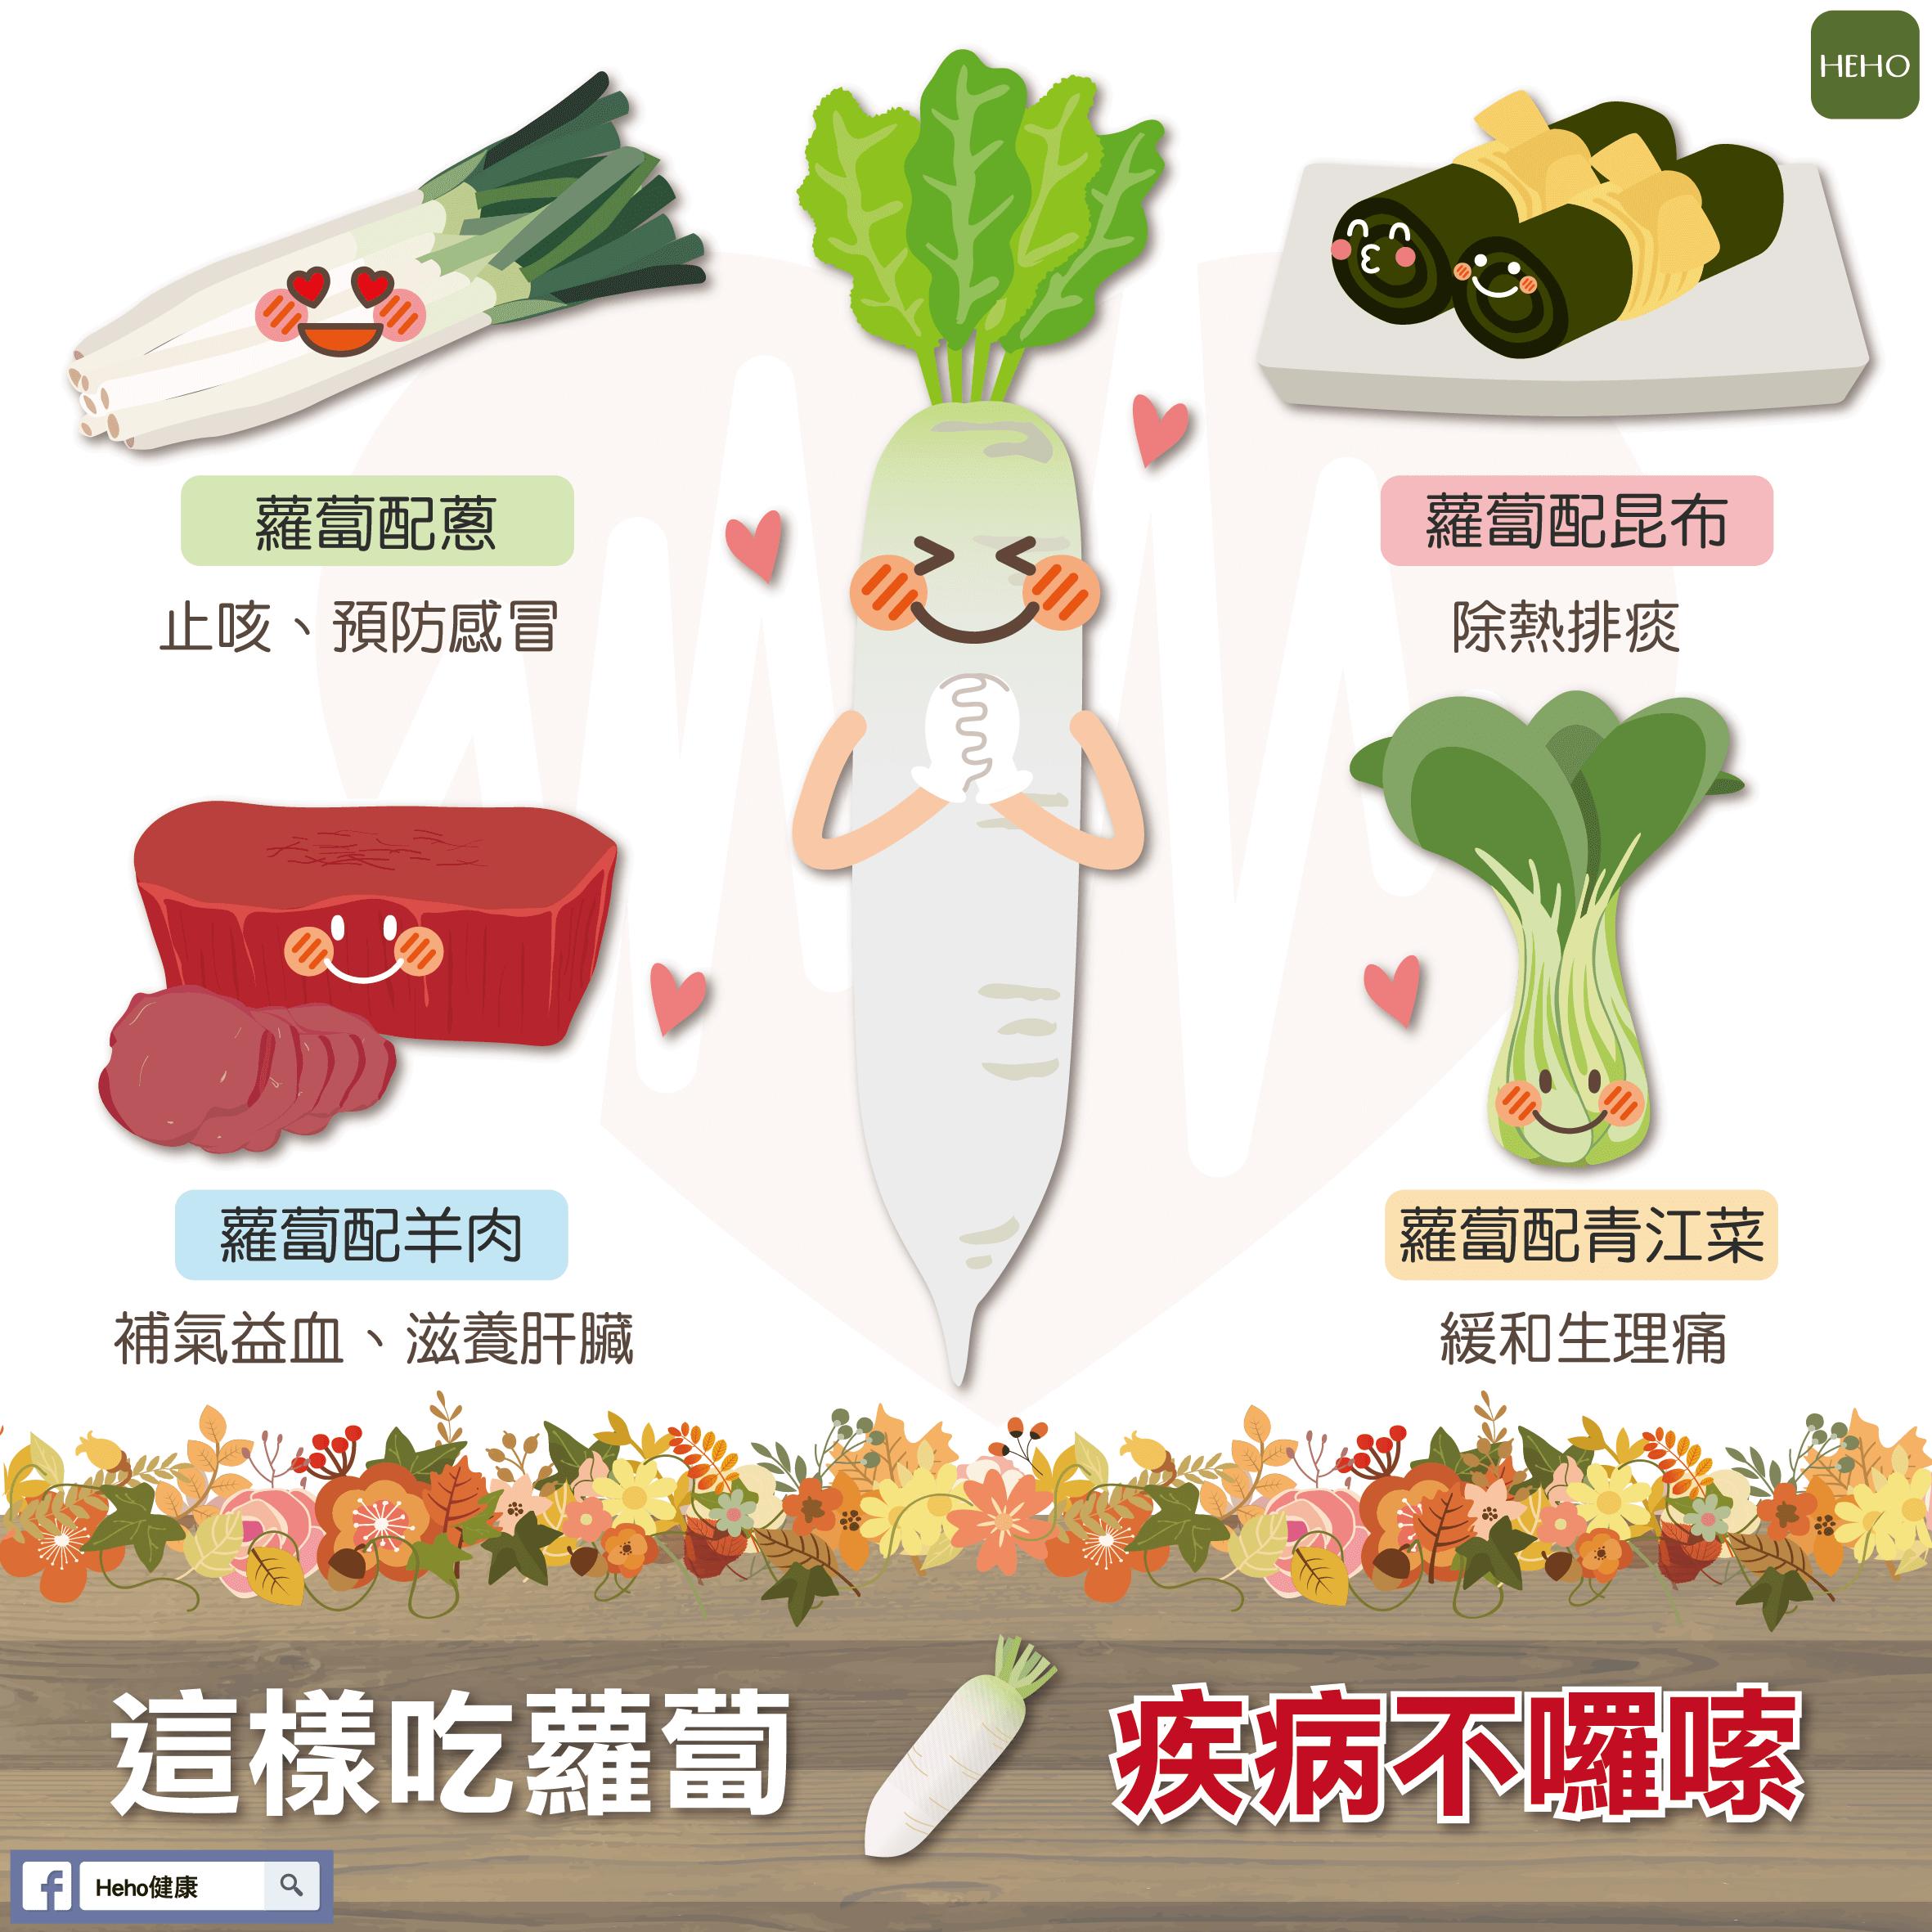 蘿蔔對對碰,健康say哈囉!